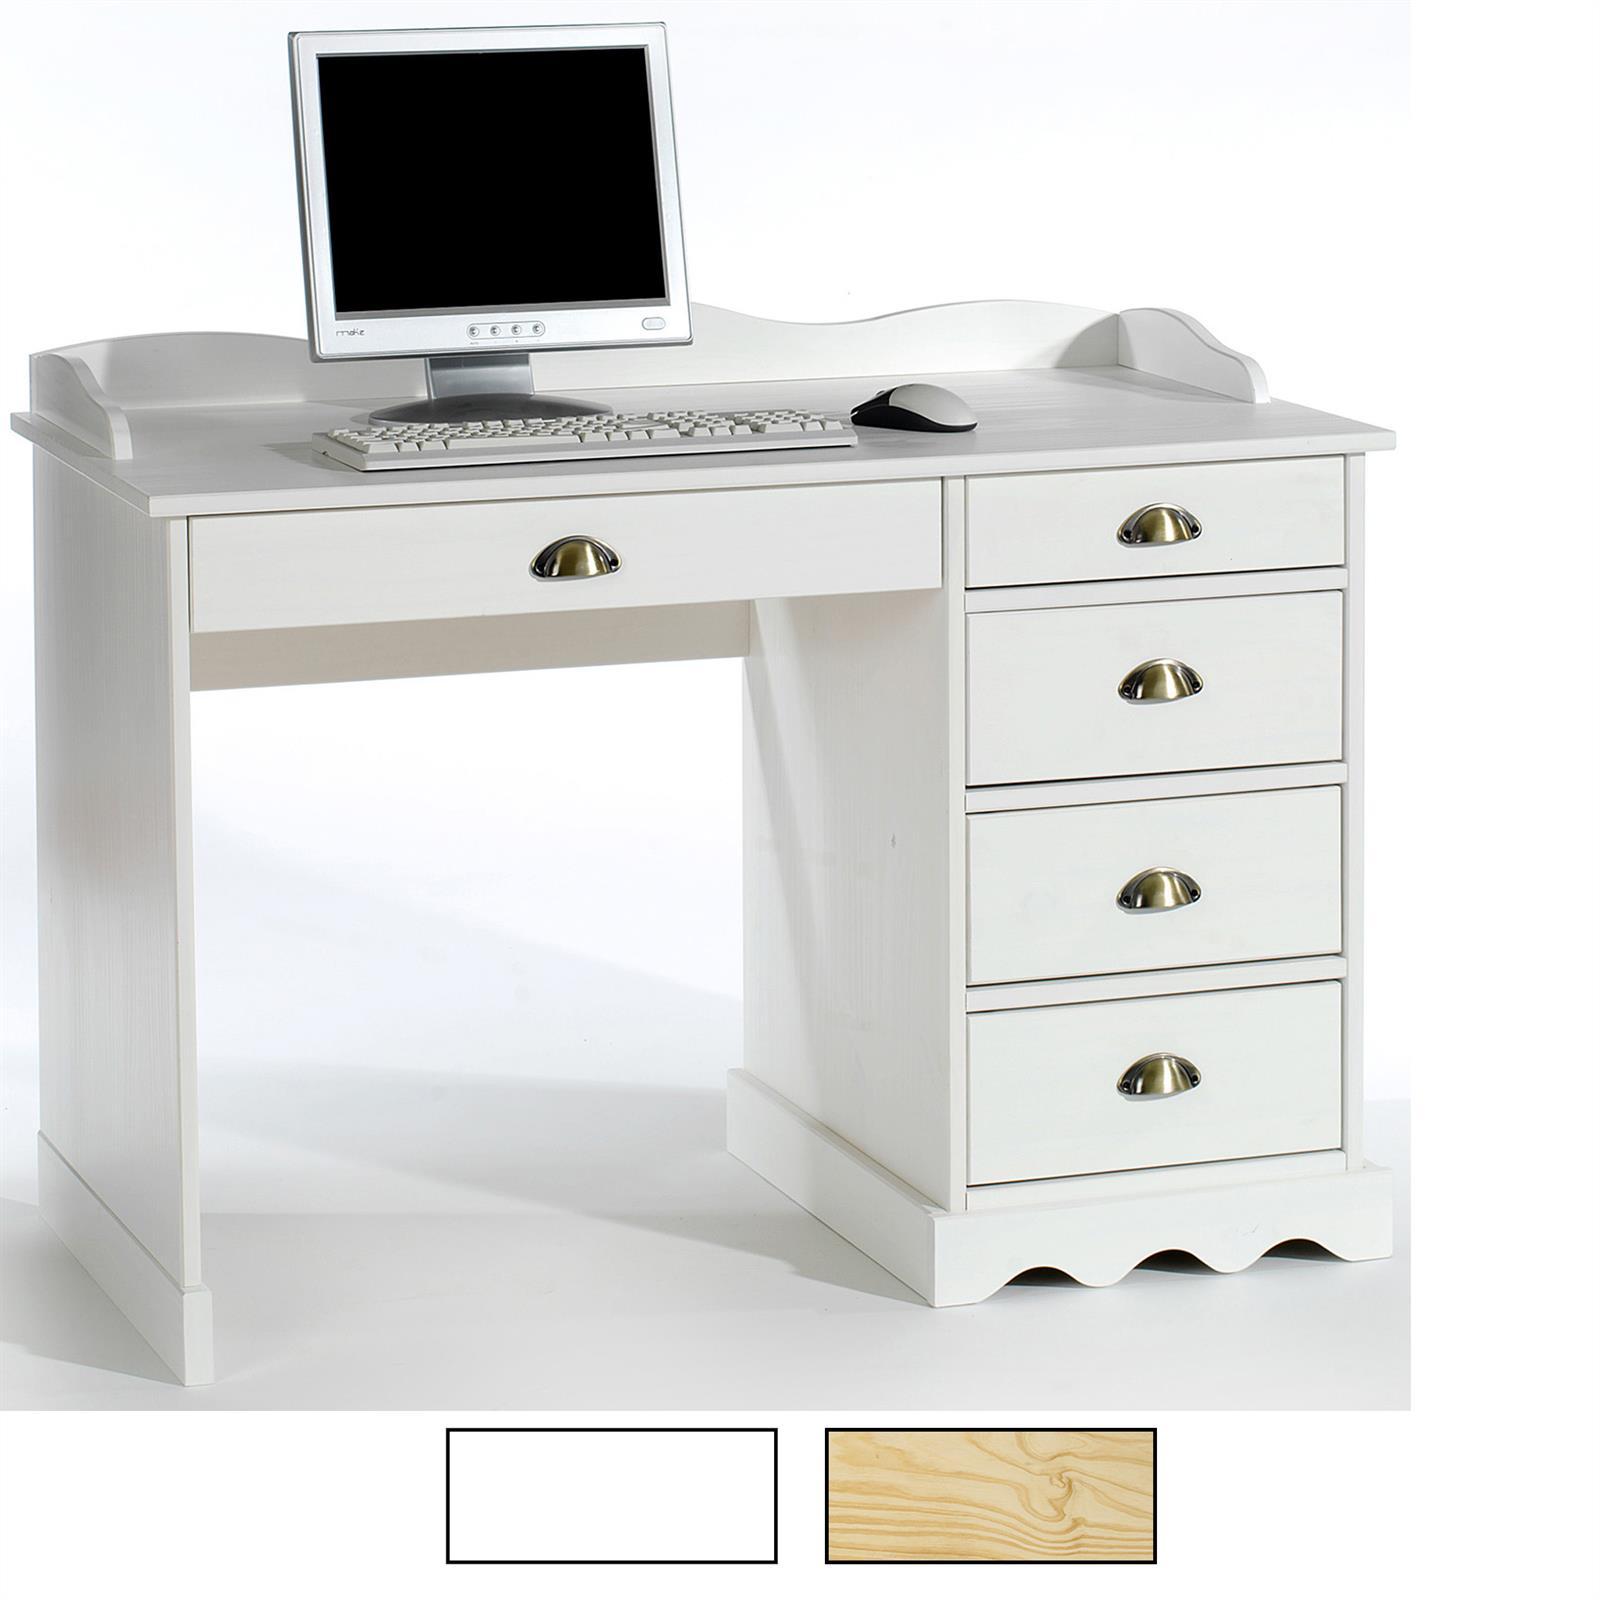 schreibtisch mit aufsatz in 2 farben caro m bel. Black Bedroom Furniture Sets. Home Design Ideas